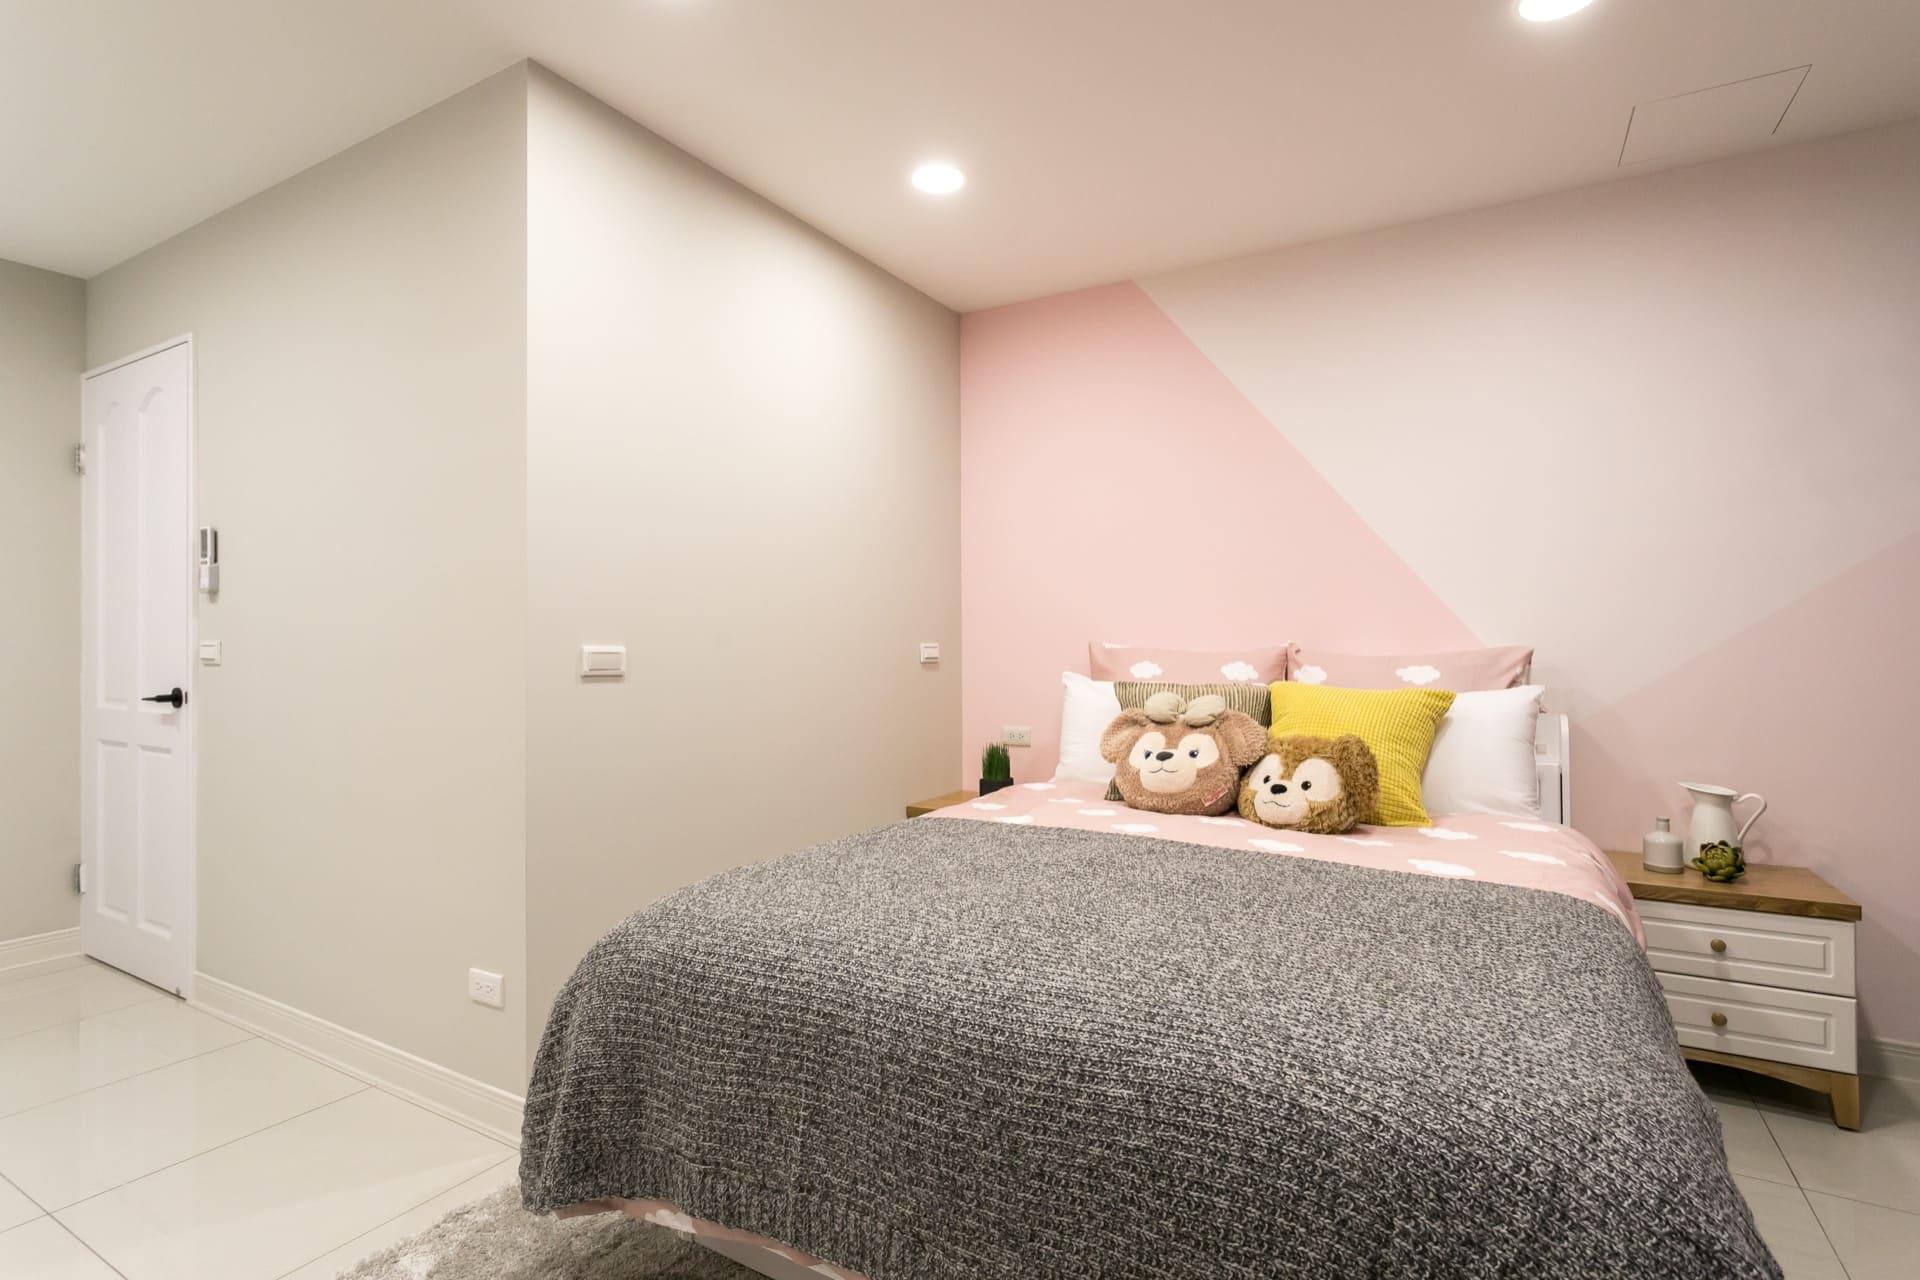 床頭牆面彩色造型。照片左側為外觀經過烤漆處理的白色門片,耐磨耐髒